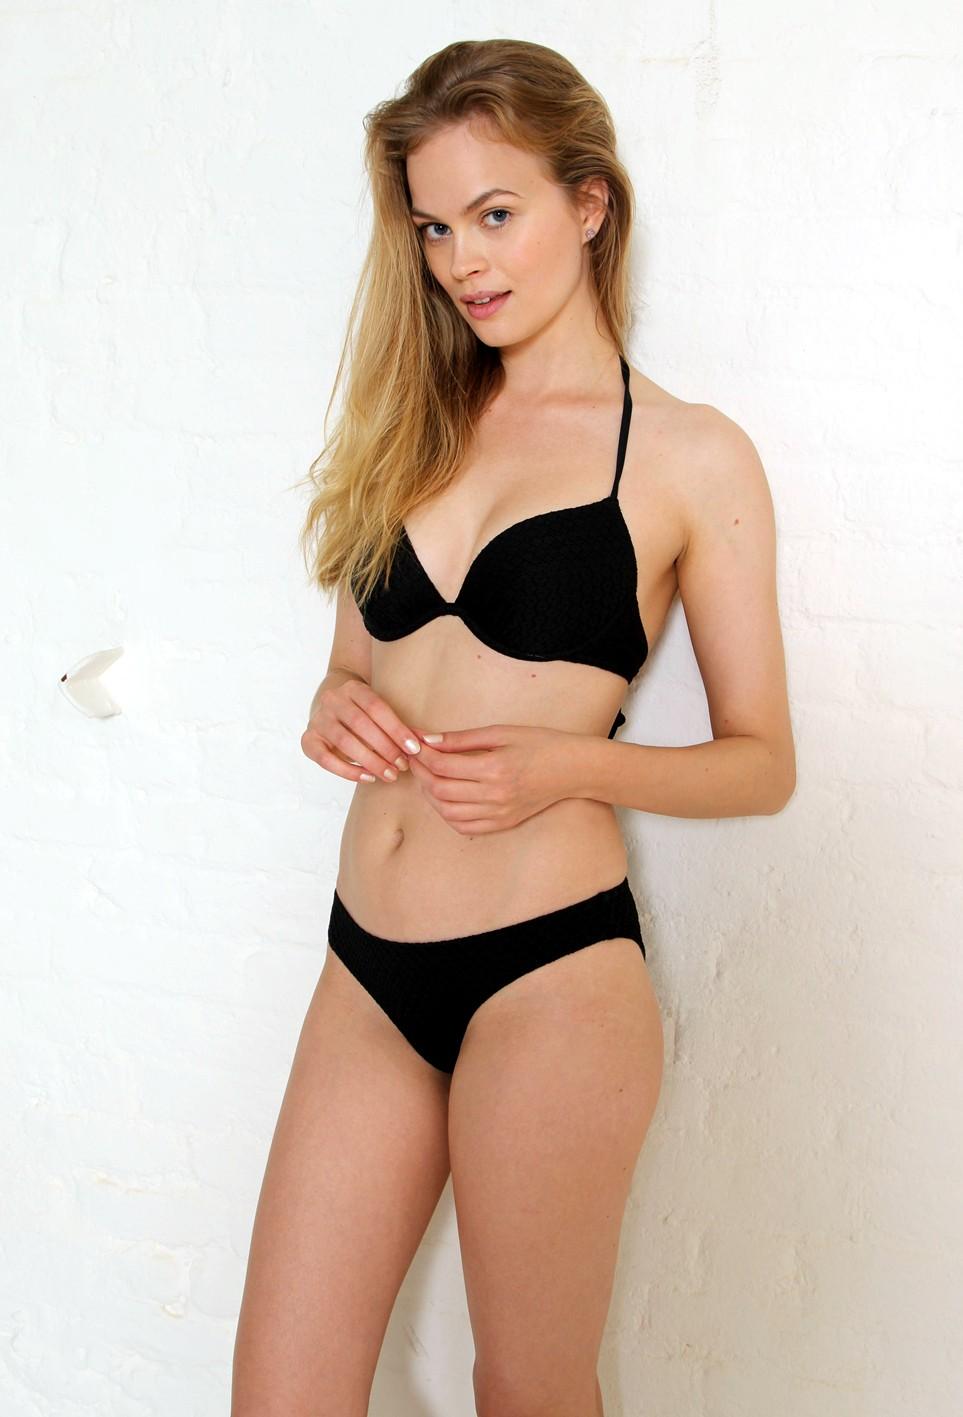 2016-sept-linnea-pihl-bikini-london-retouched-4